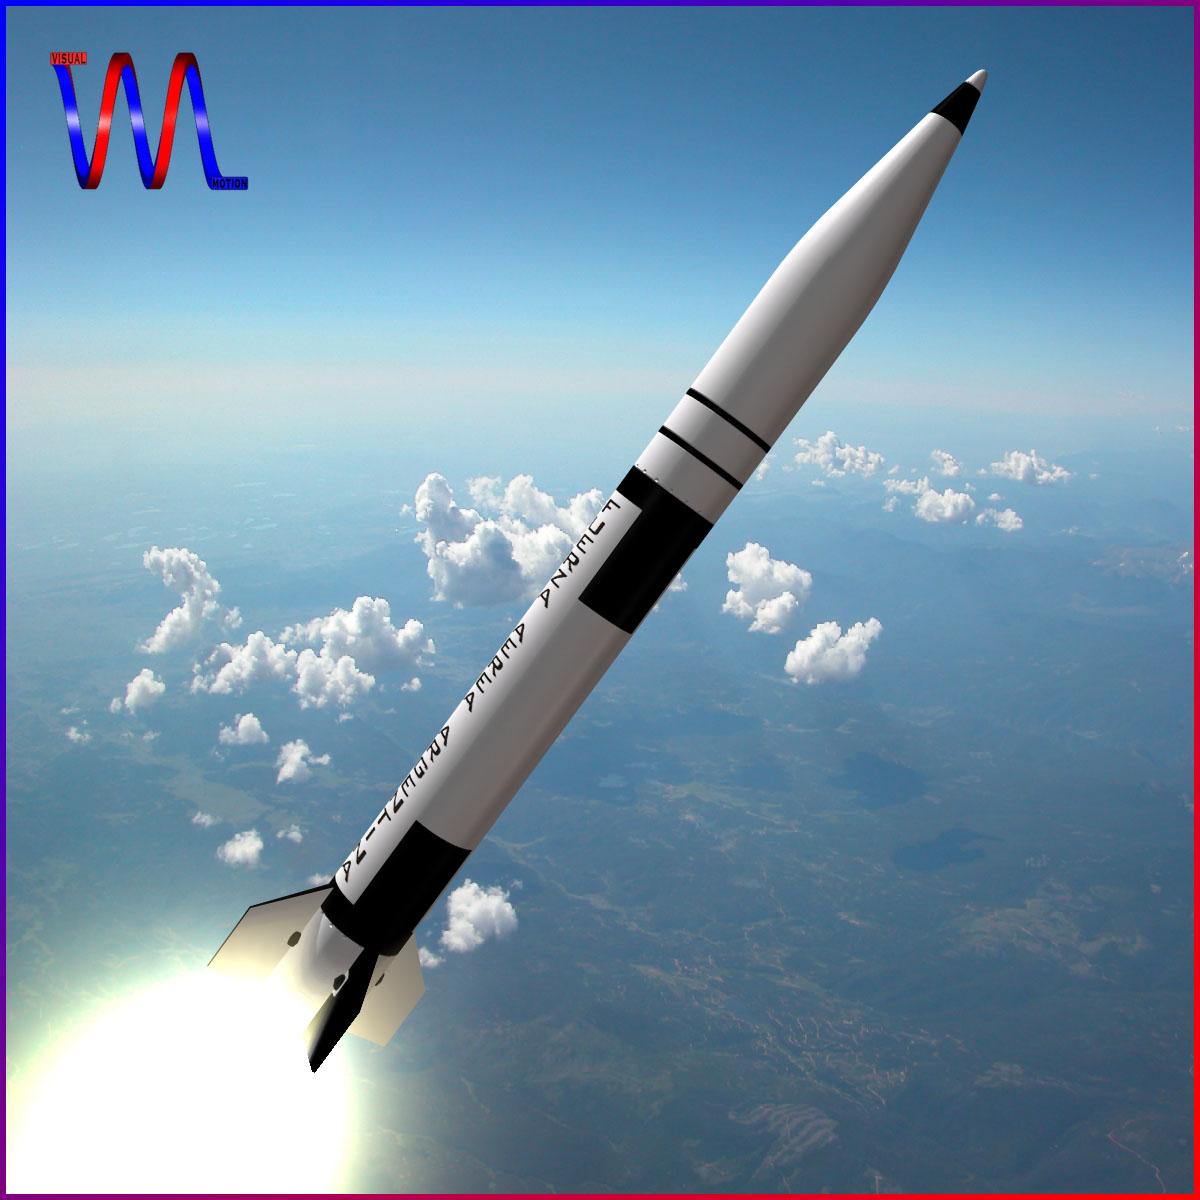 condor i-aiii/alacran missile 3d model 3ds dxf fbx blend cob dae x  obj 166206